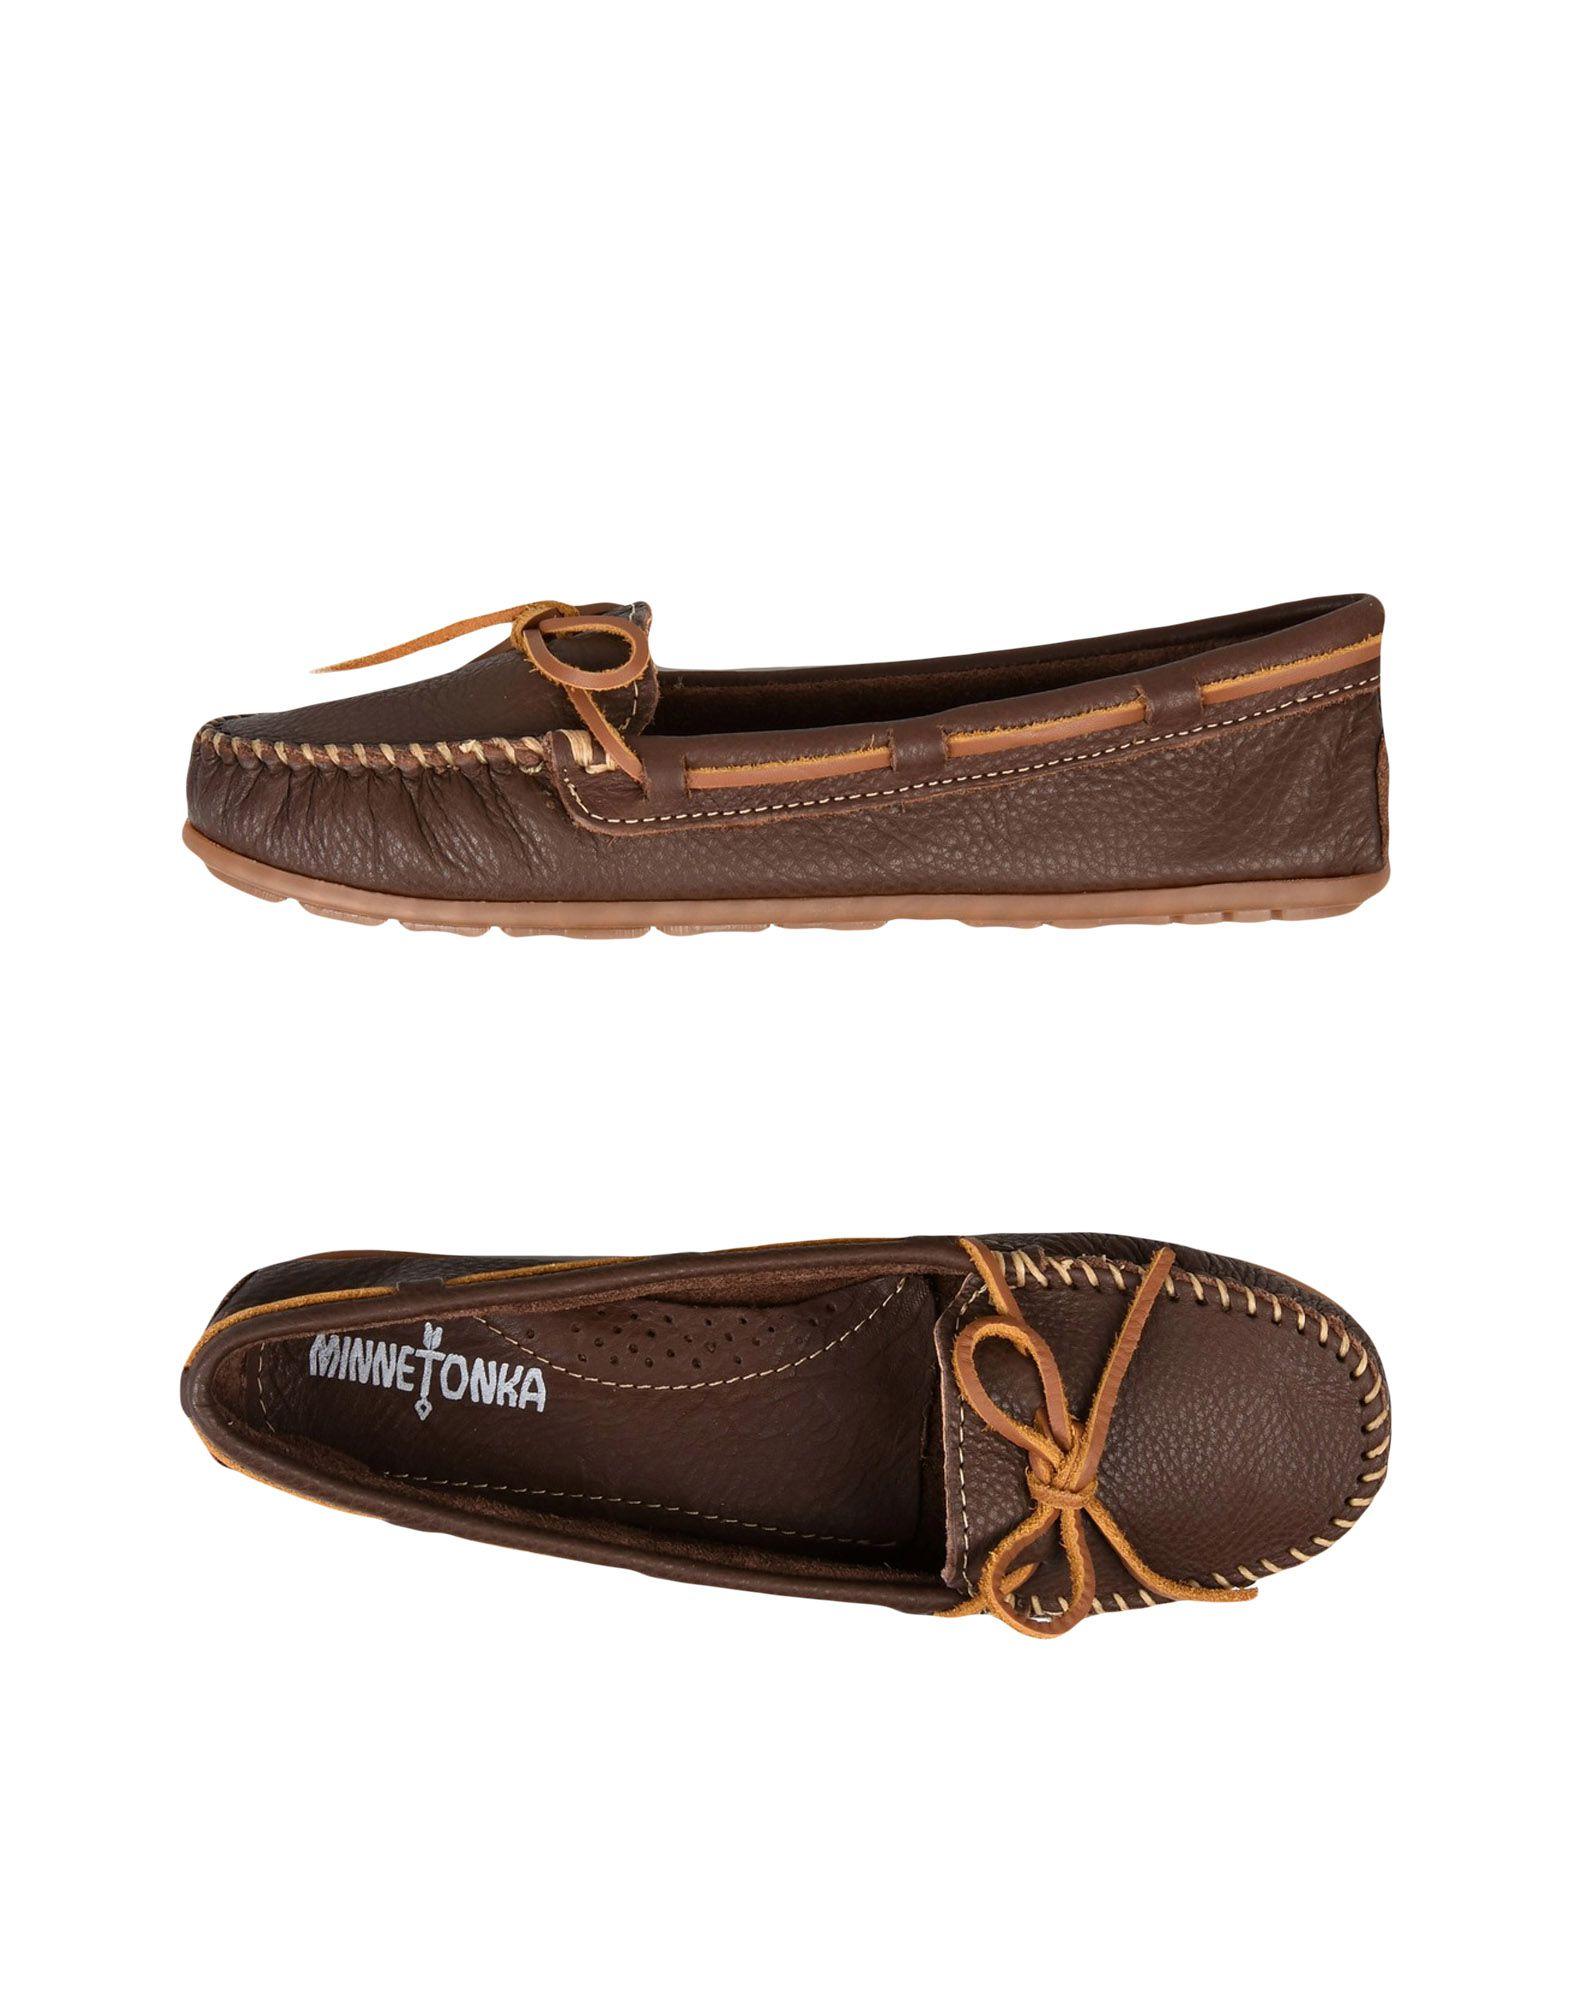 Minnetonka Boat Moc 11227366HW beliebte Gute Qualität beliebte 11227366HW Schuhe 0c16a4